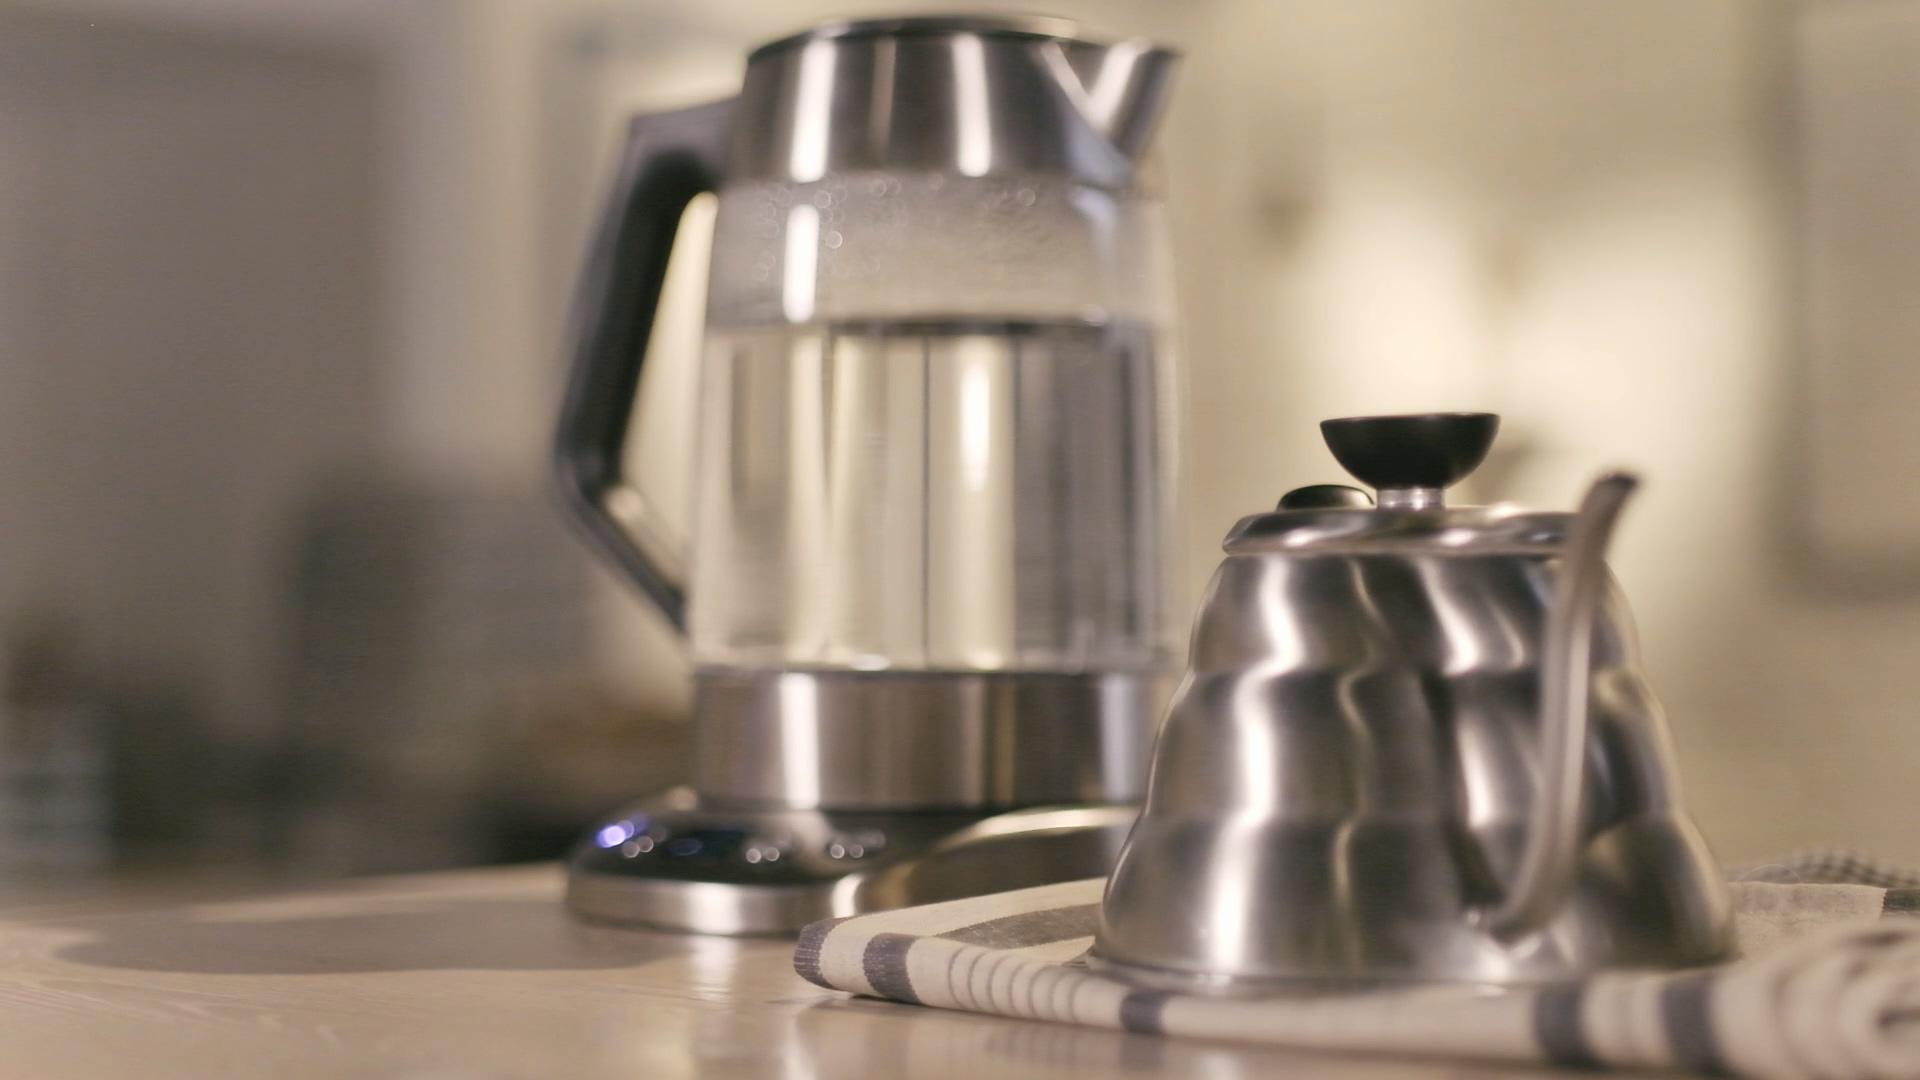 Schritt 1 der French Press Anleitung: Wasser kochen und Pulver bereitstellen